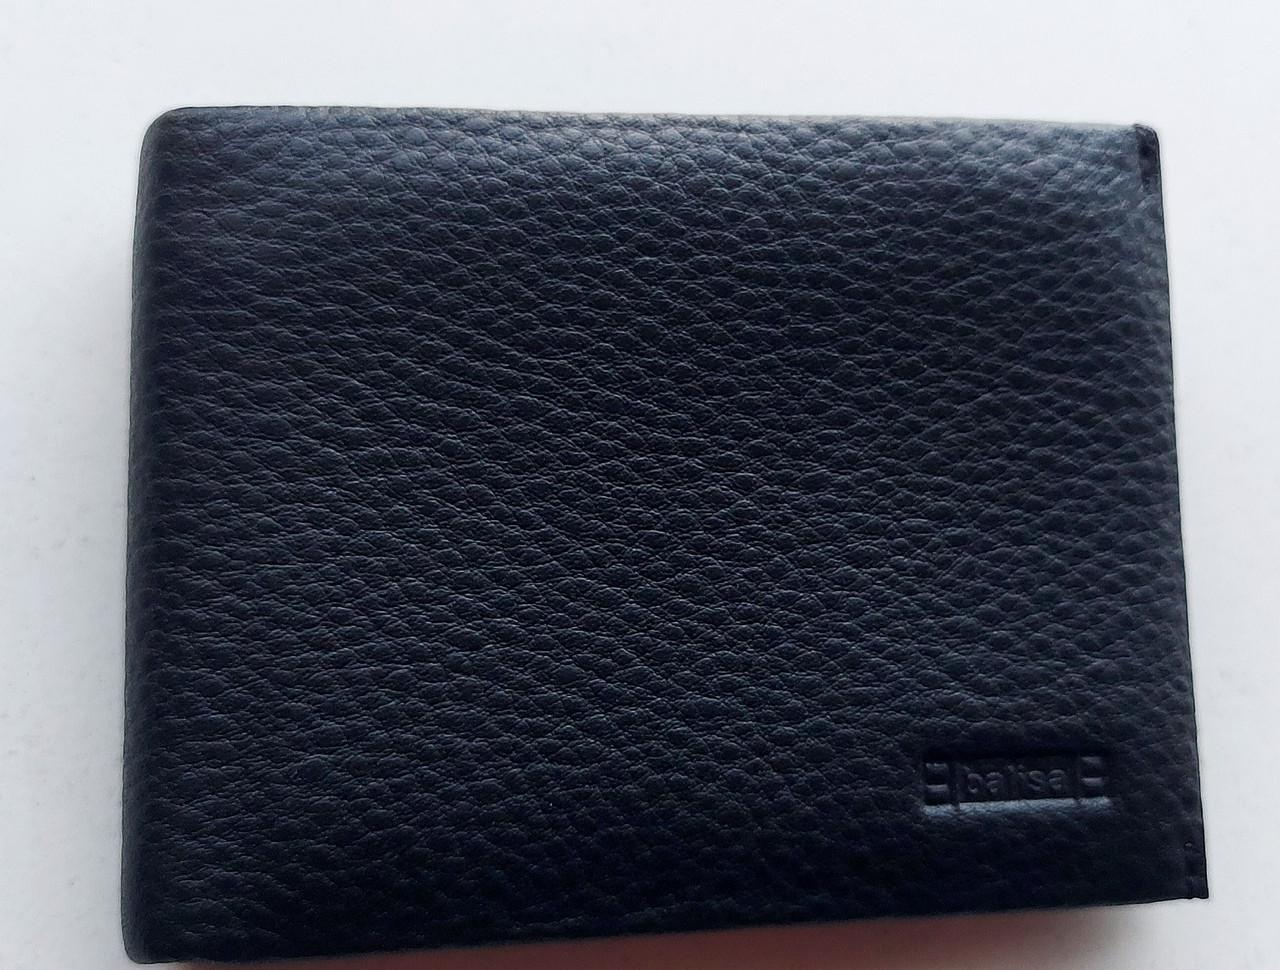 Мужское кожаное портмоне PY 009-100 black, купить мужское портмоне Balisa недорого в Украине